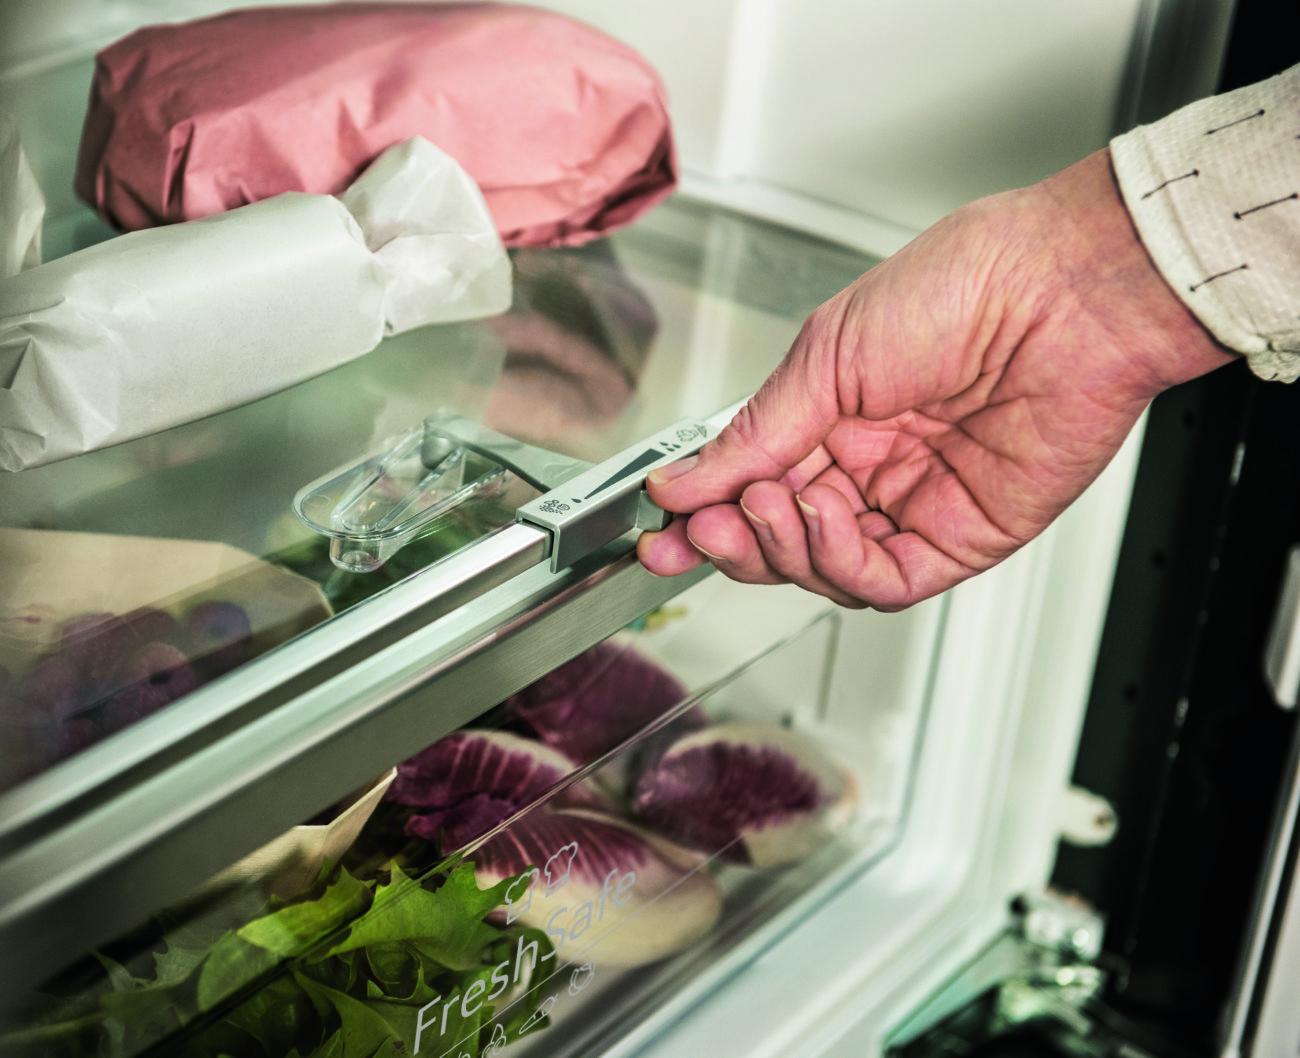 Siemens Kuchengerate Schweiz Neue Kuchengerate An Der Swissbau